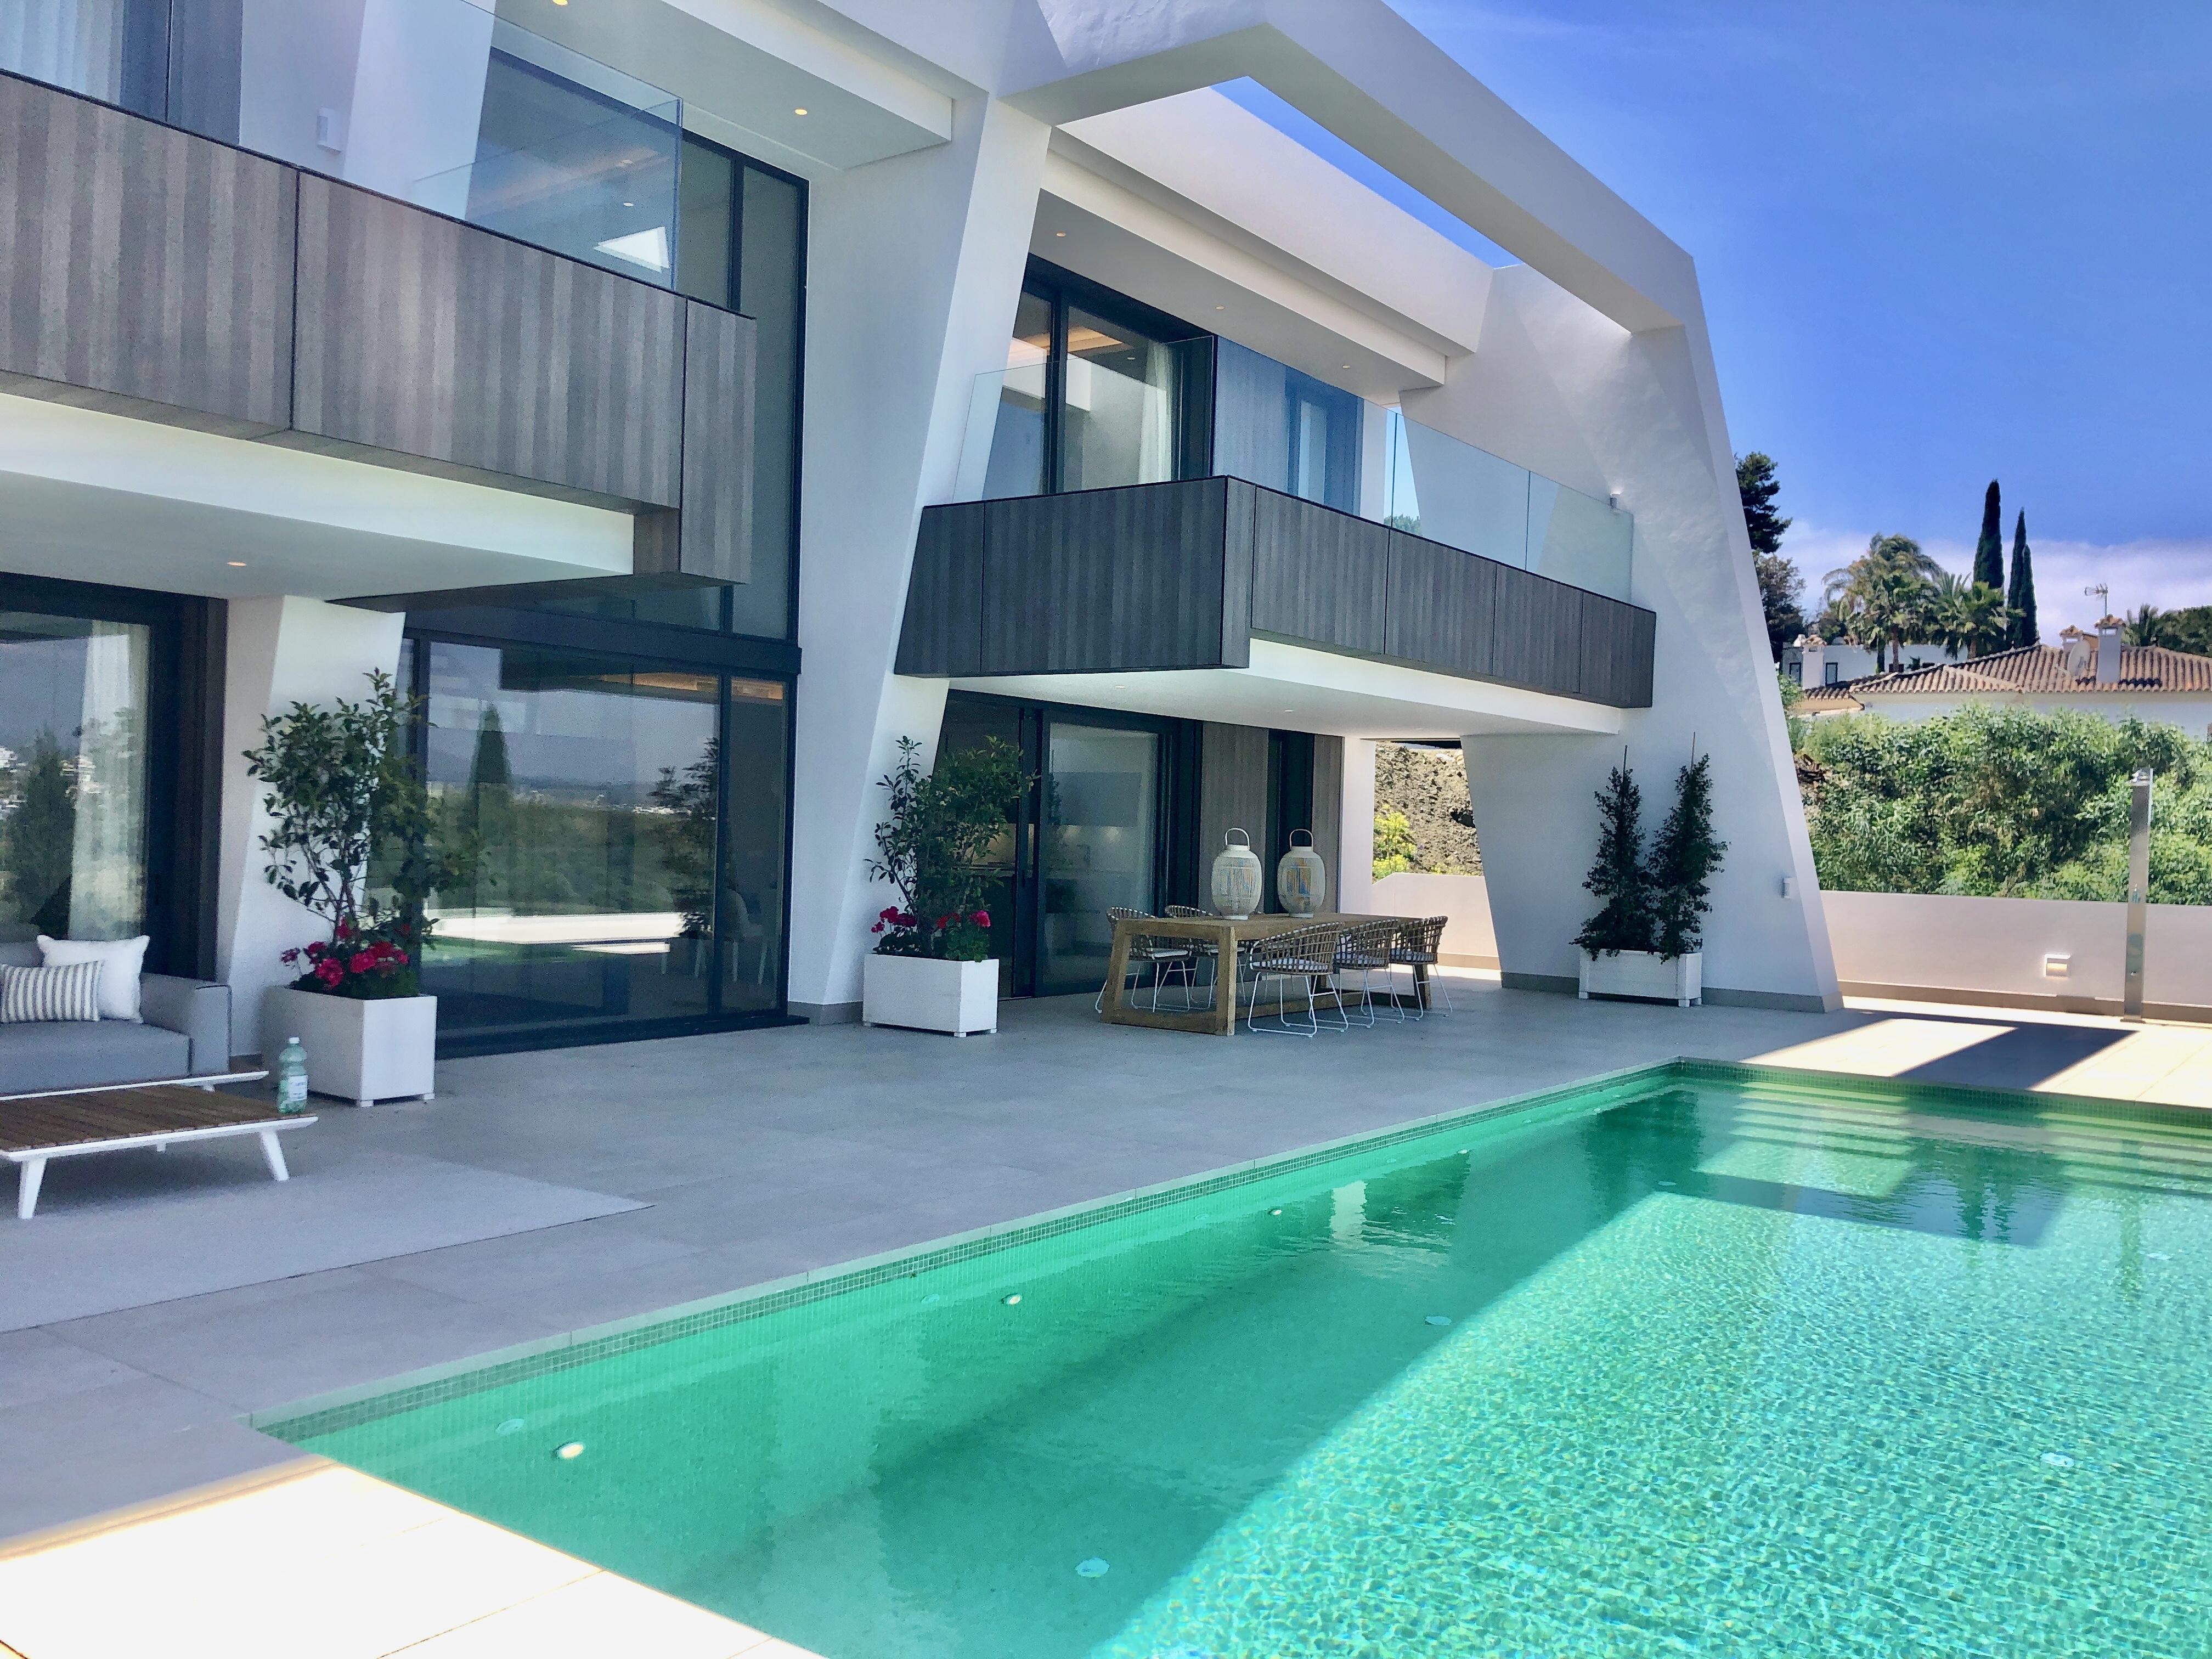 Ref:359-00180P Villa For Sale in Estepona